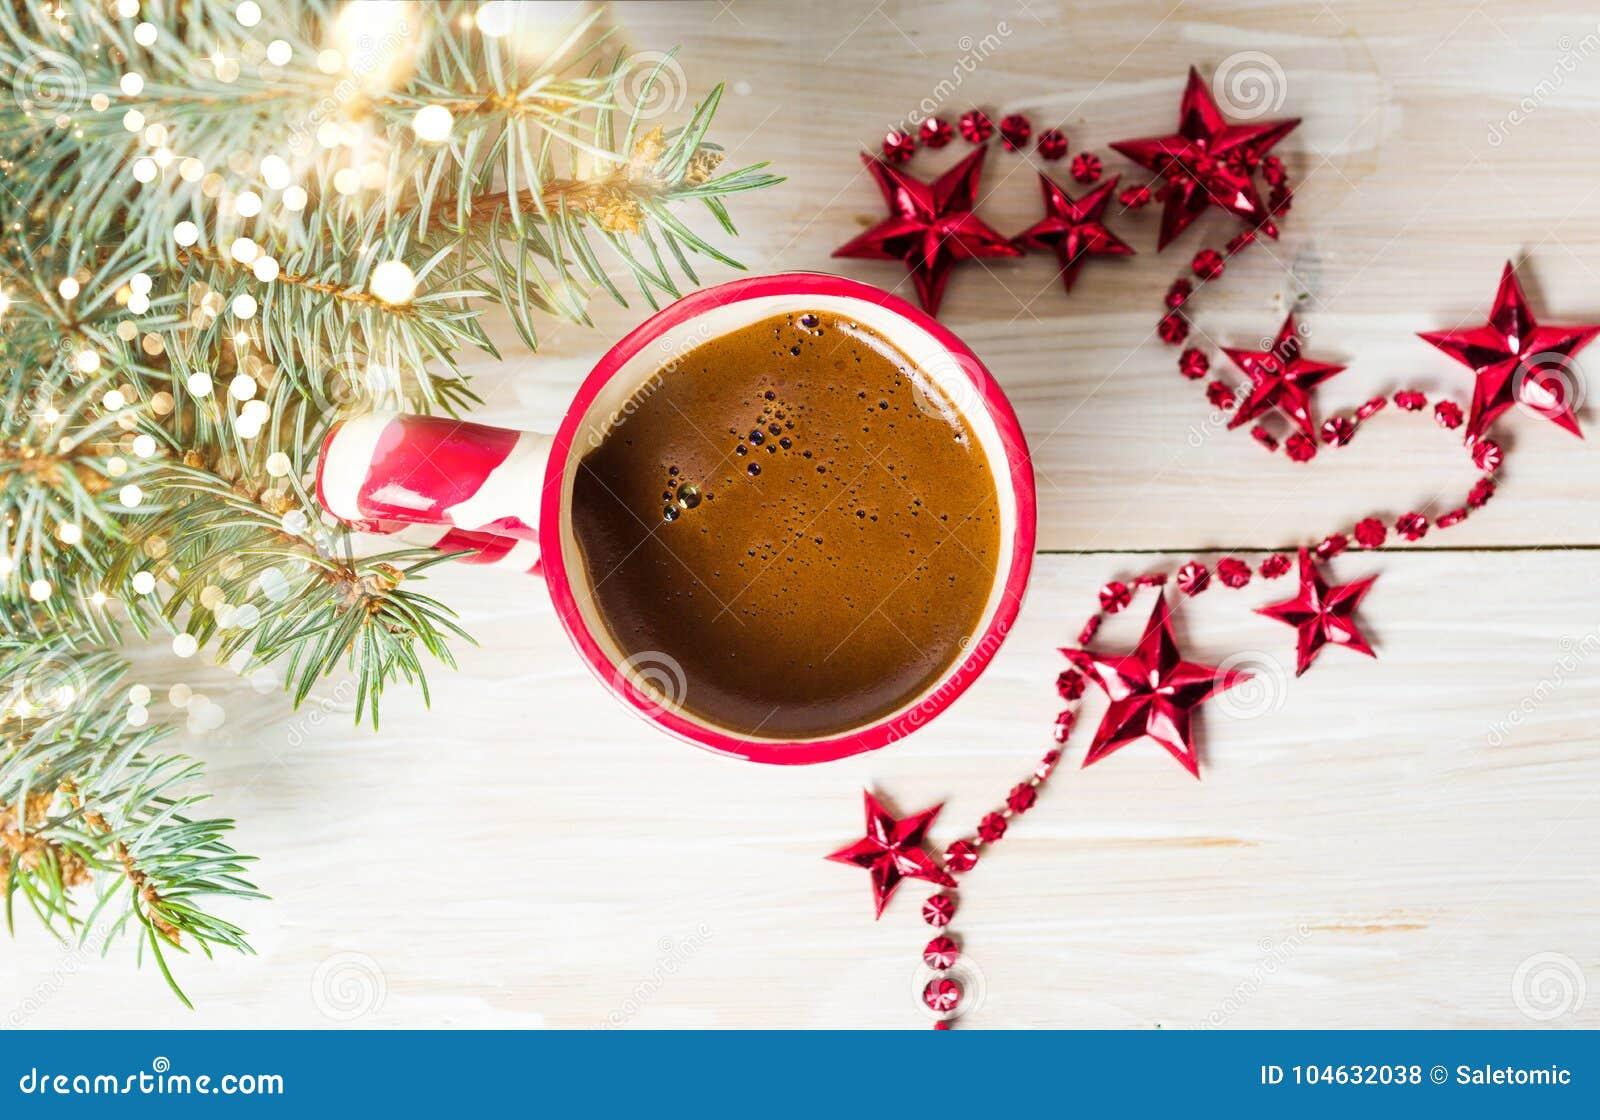 Download Kop Van Koffie Met Feestelijke Decoratie Op De Lijst Stock Foto - Afbeelding bestaande uit viering, drank: 104632038